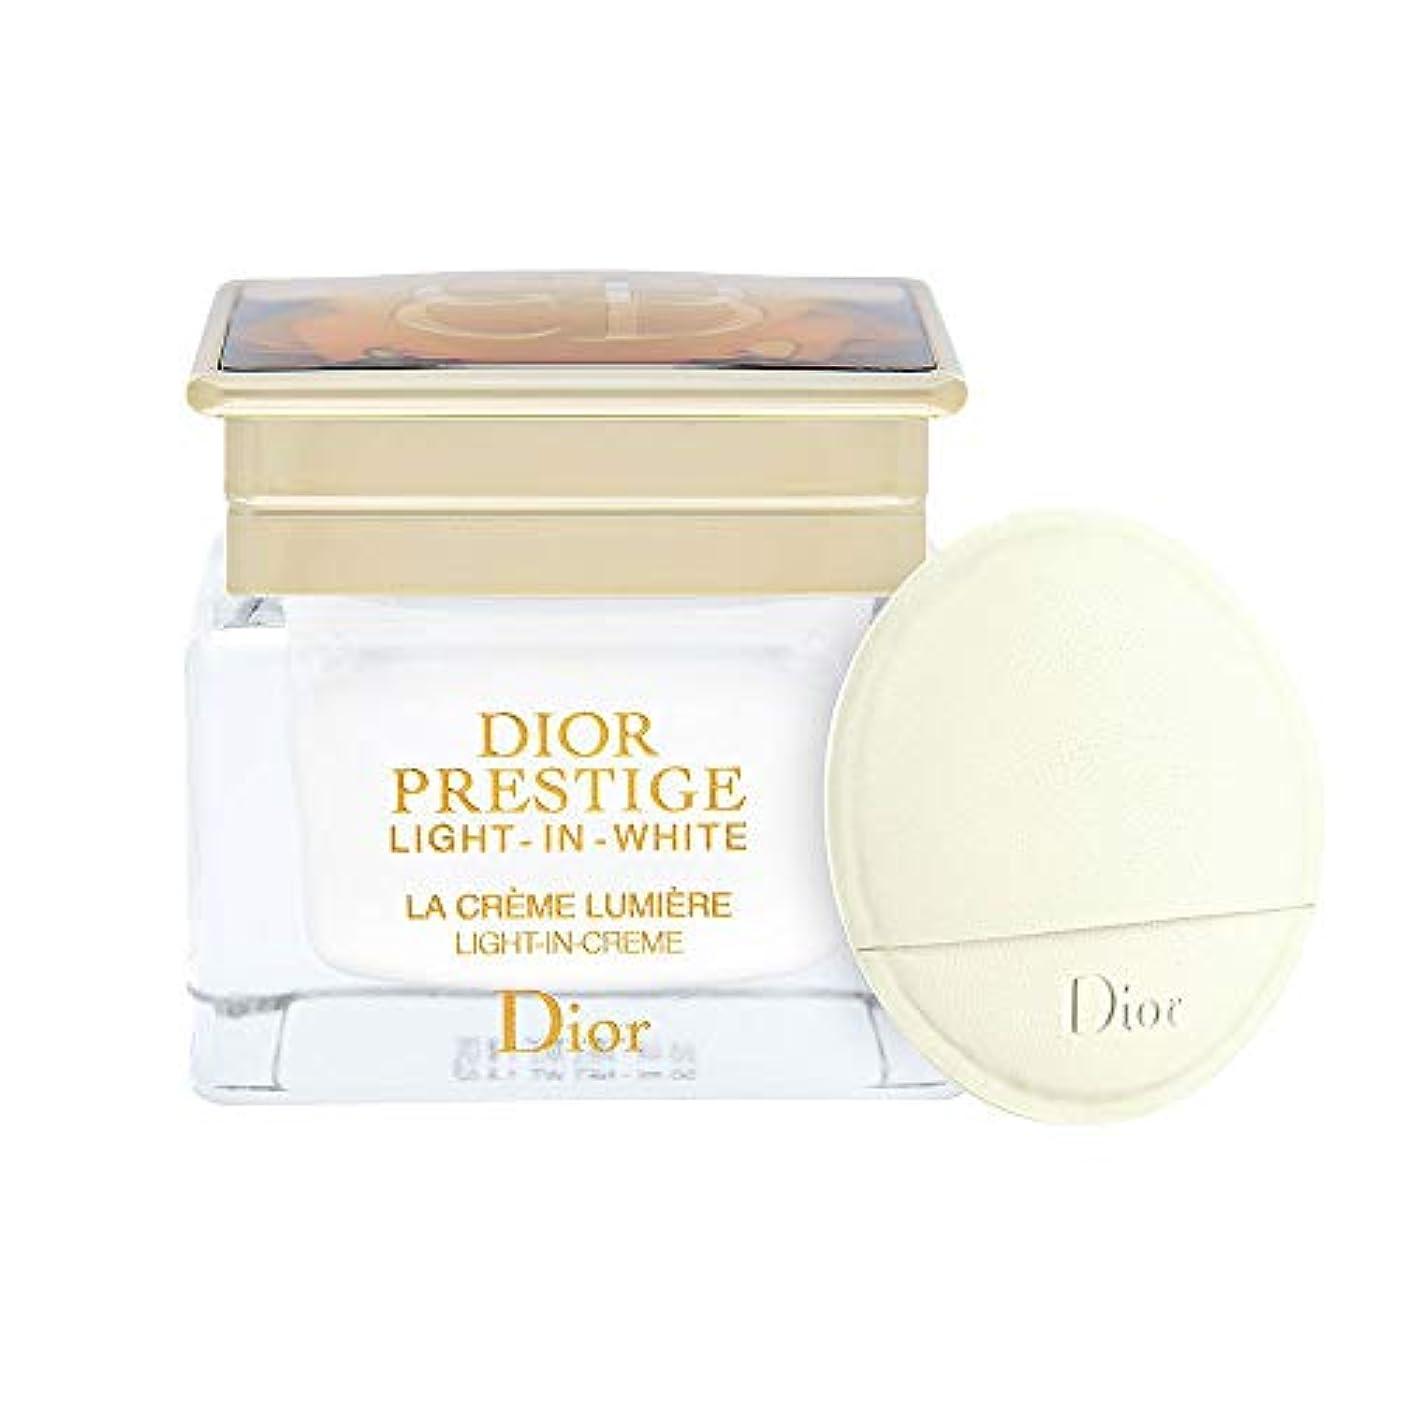 代表環境保護主義者造船ディオール(Dior) プレステージ ホワイト ラ クレーム ルミエール 50ml [並行輸入品]